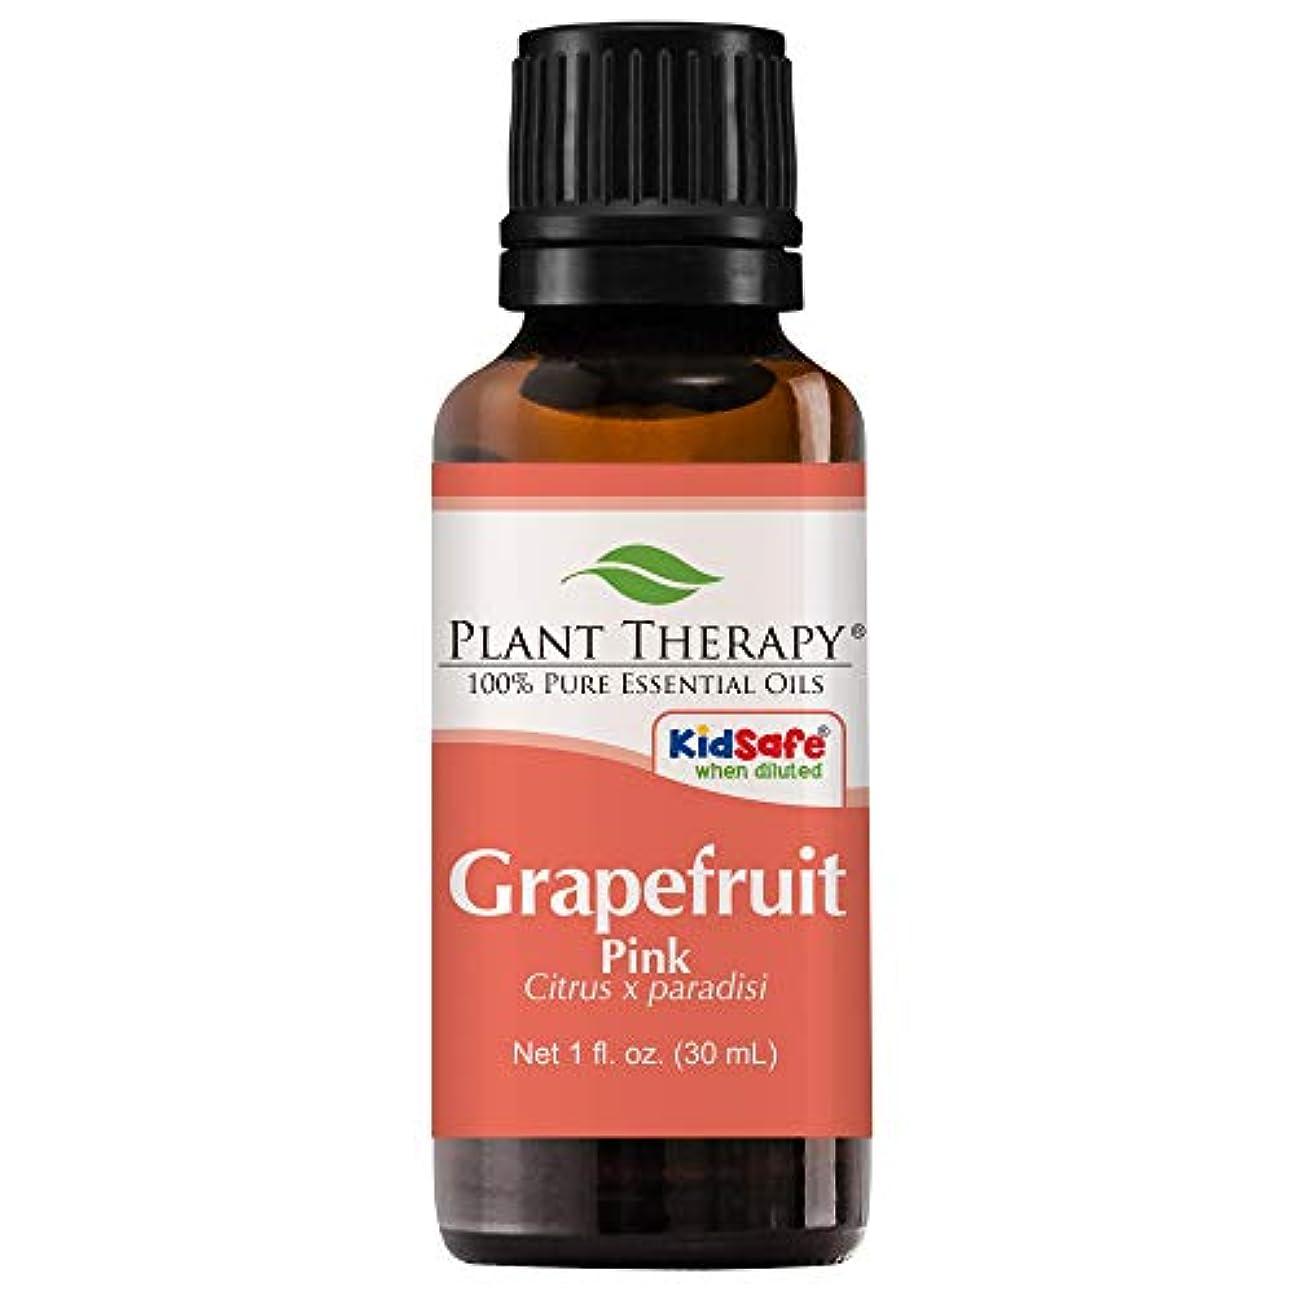 ヒューバートハドソン不従順初期の植物セラピーグレープフルーツ(ピンク)エッセンシャルオイル。 100%ピュア、希釈していない、治療グレード。 30ミリリットル(1オンス)